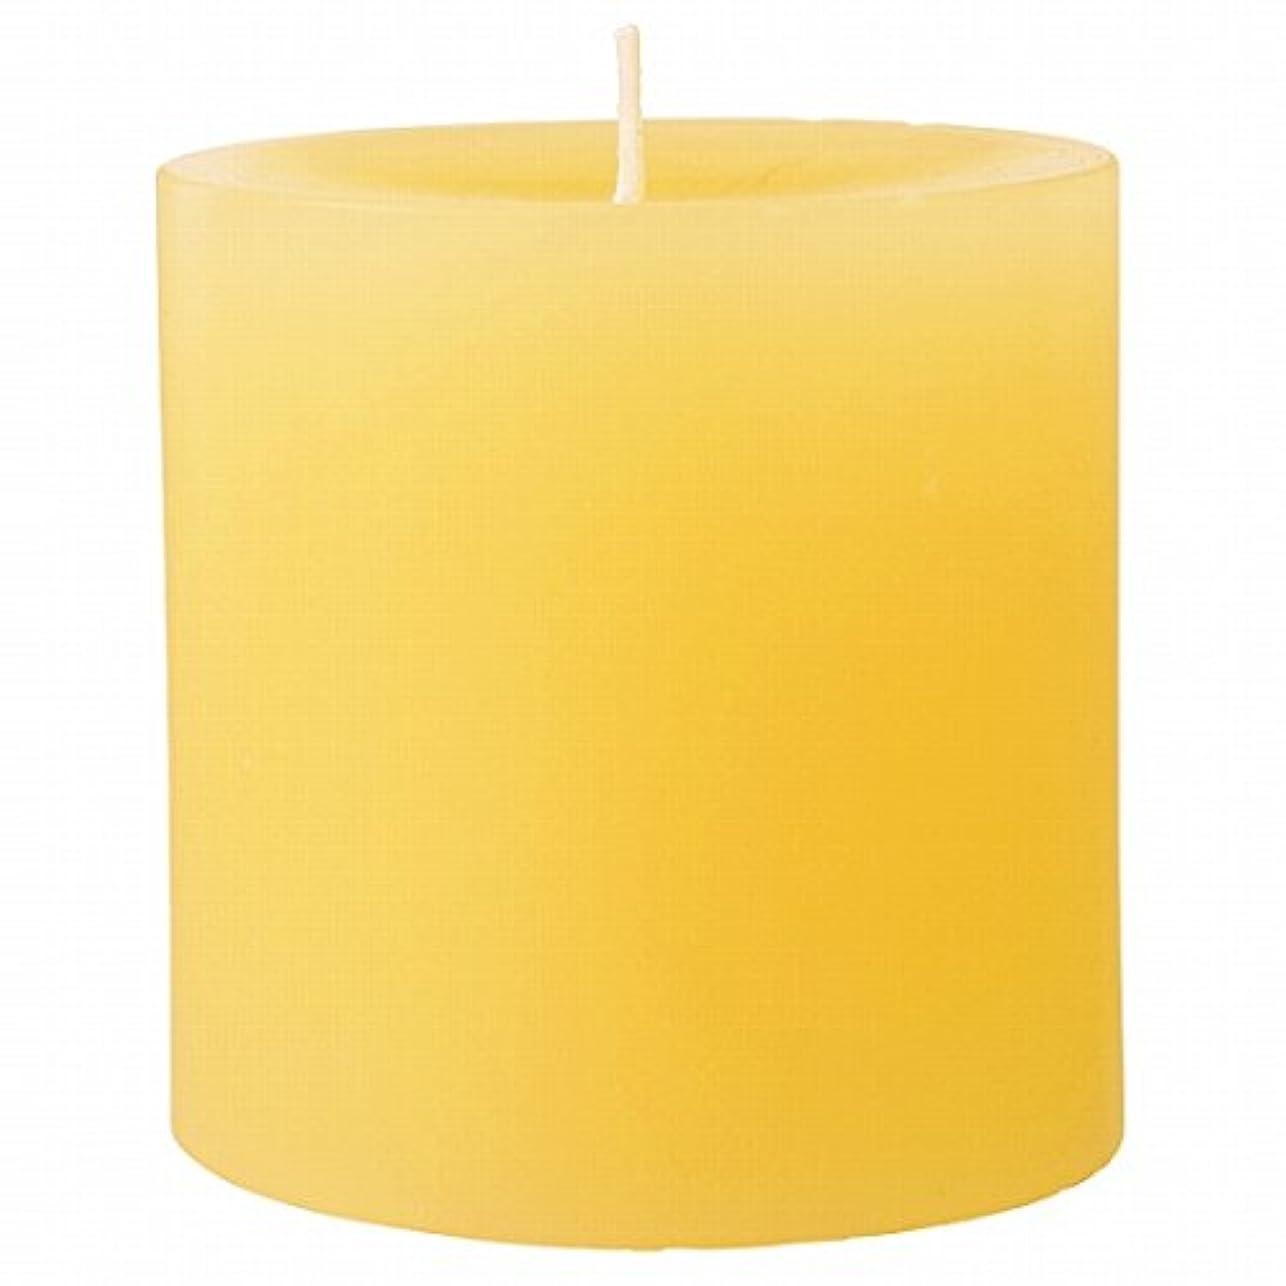 カメヤマキャンドル(kameyama candle) 75×75ピラーキャンドル 「 アイボリー 」